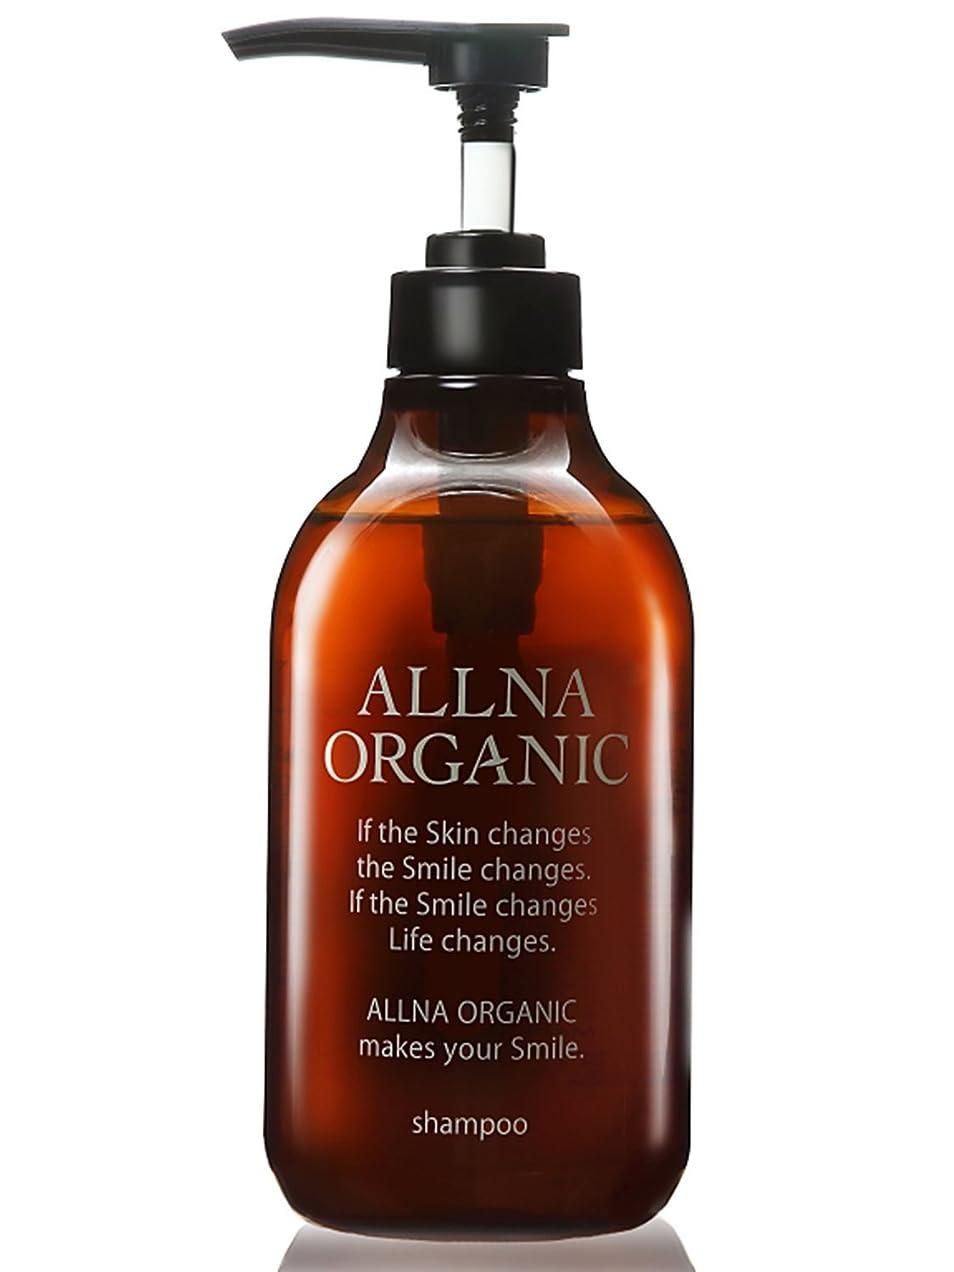 規制留め金好きであるオルナ オーガニック シャンプー 無添加 ノンシリコン 天然由来 無香料でボタニカルな香り「コラーゲン ヒアルロン酸 ビタミンC誘導体 セラミド 配合」500ml (シャンプー ポンプ) (スムース)